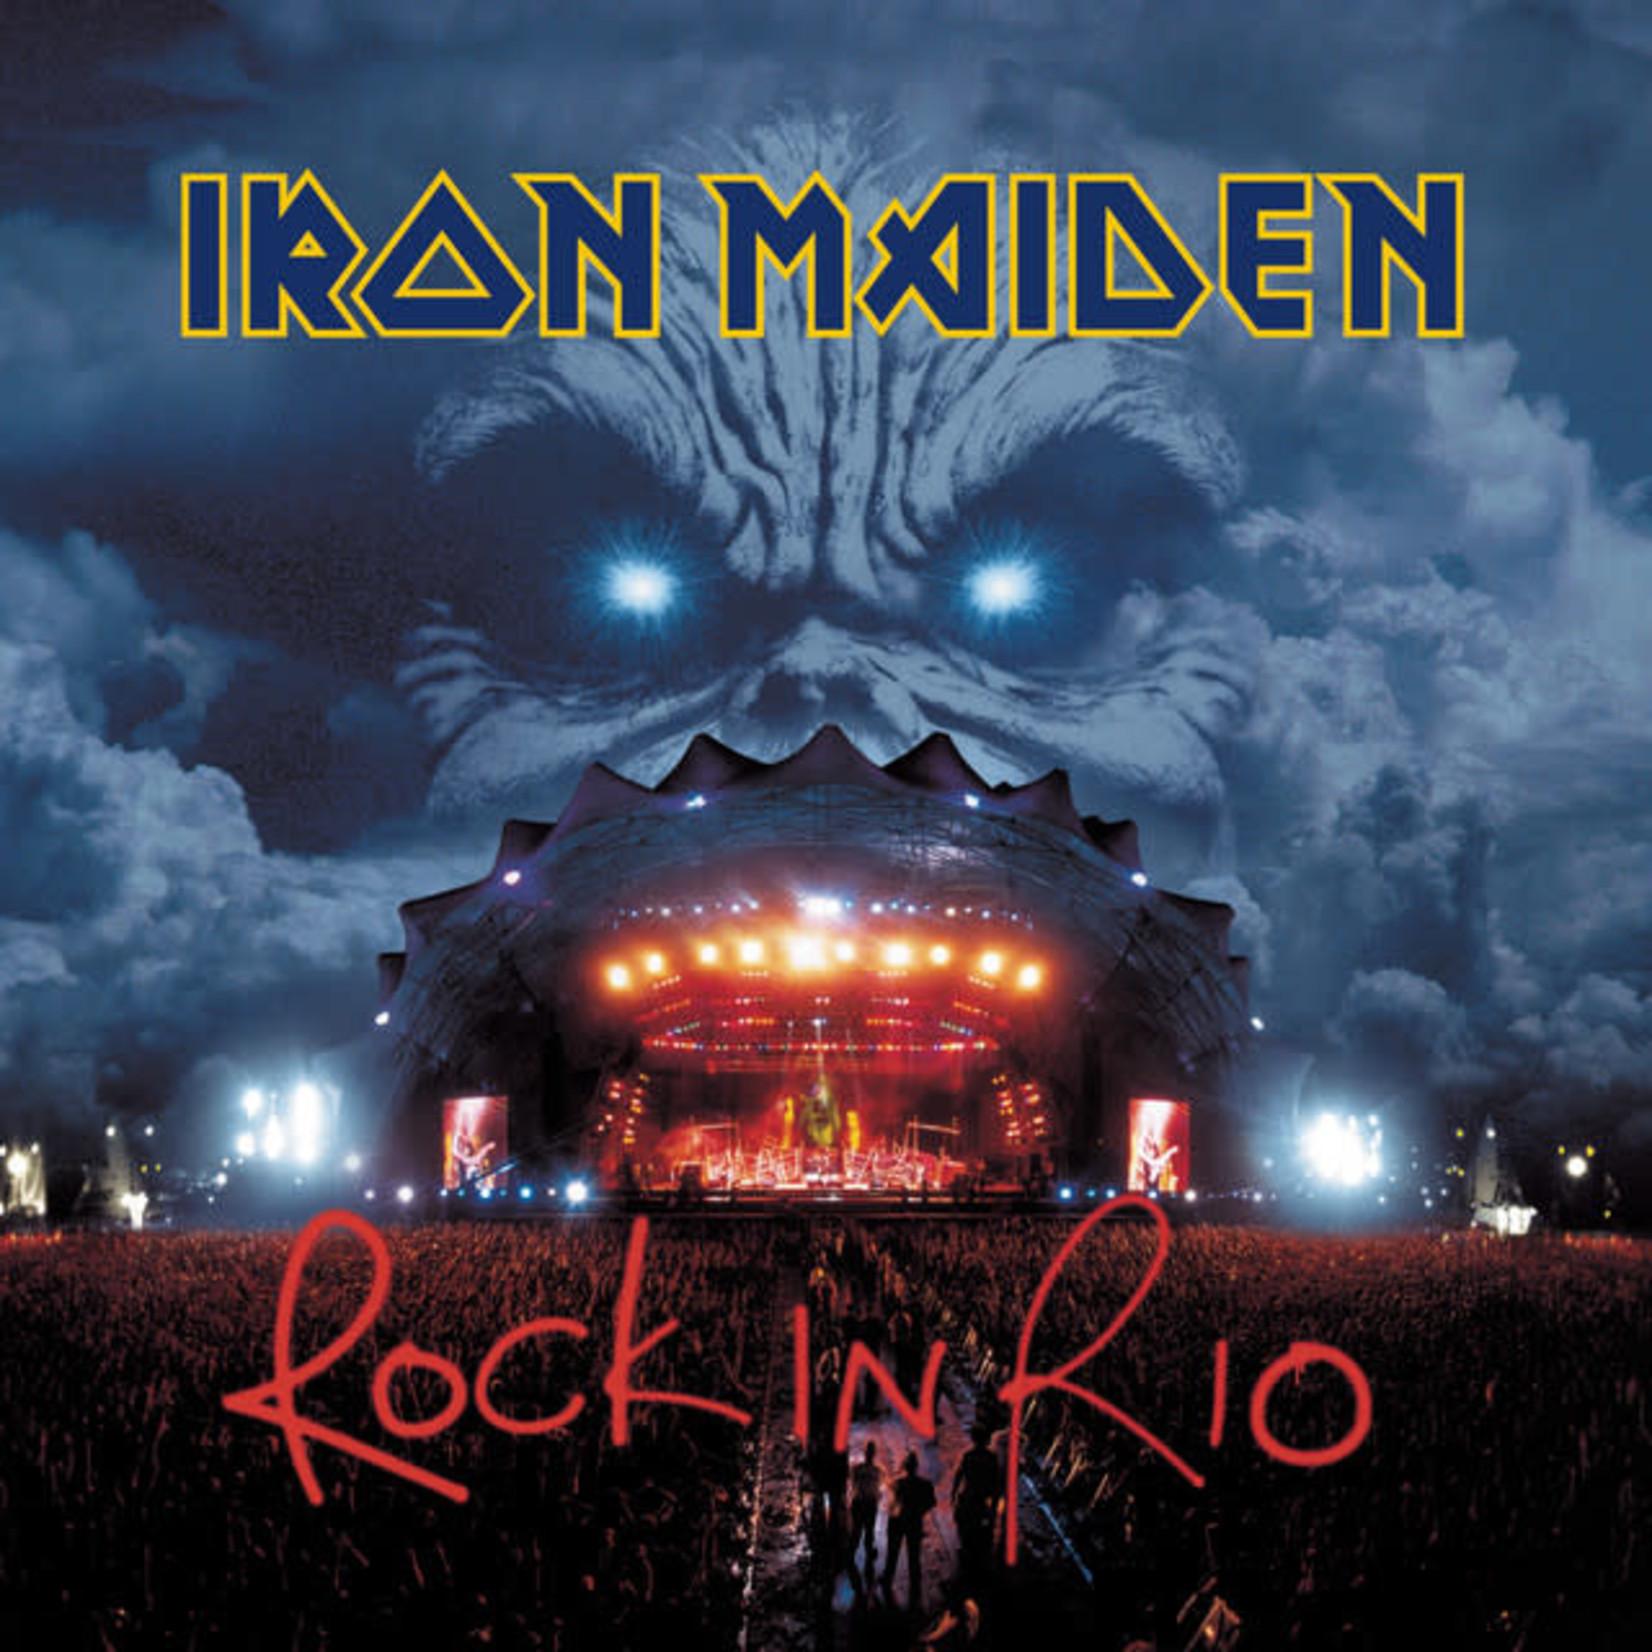 Vinyl Iron Maiden - Rock in Rio (3 LP)